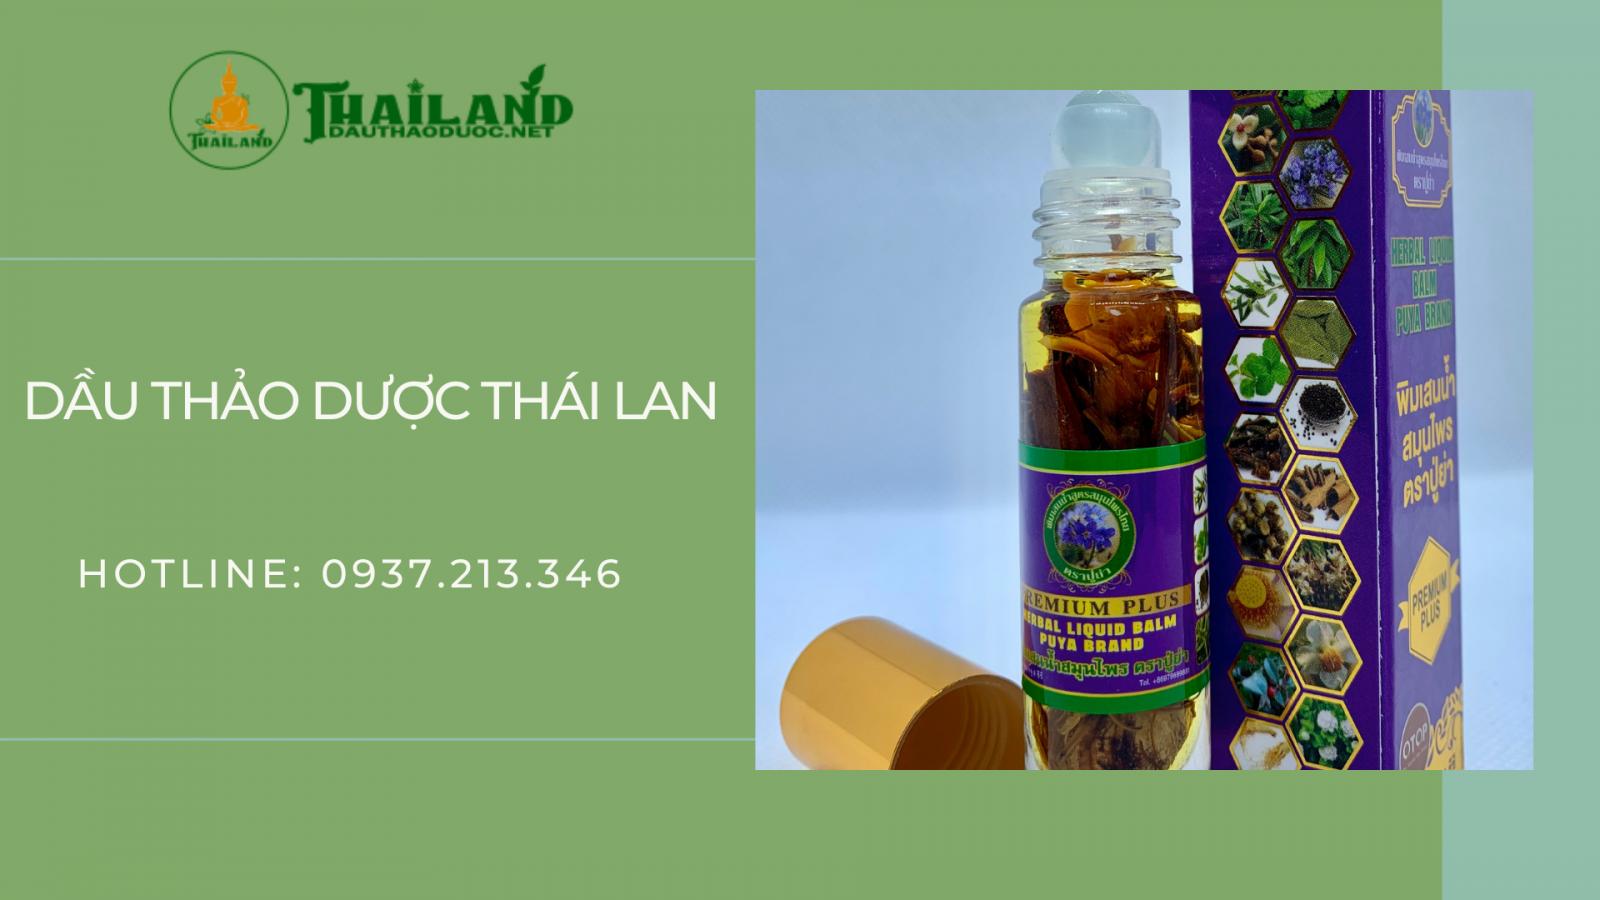 Dầu Thảo Dược Thái Lan chuyên cung cấp dầu Thái thảo dược chất lượng